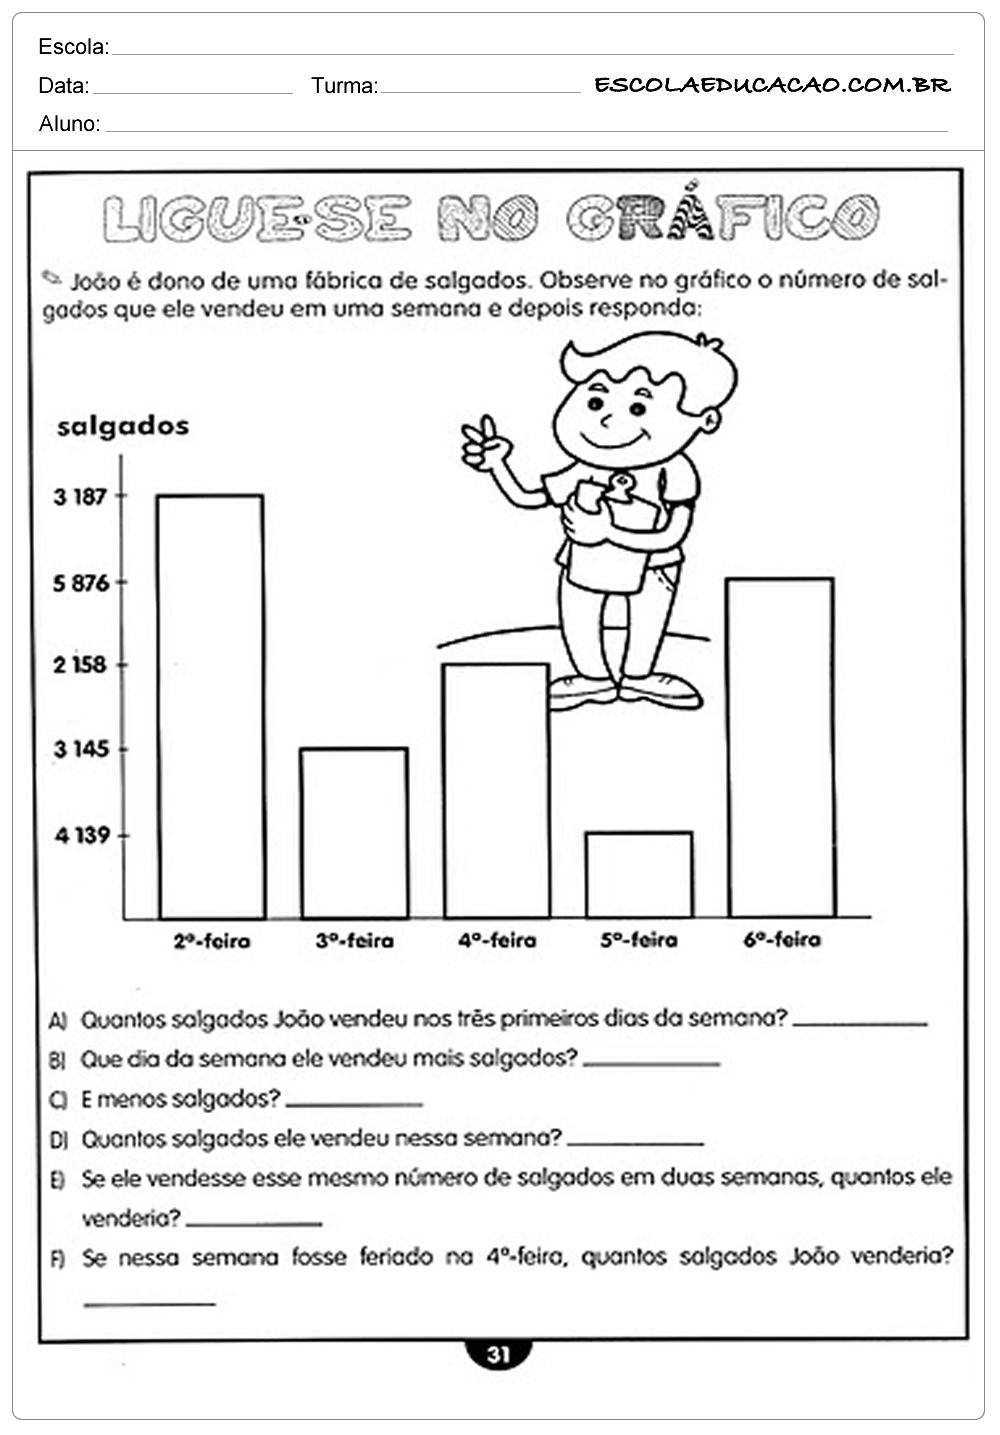 Atividades de Matemática 4º ano – Ligue-se no gráfico